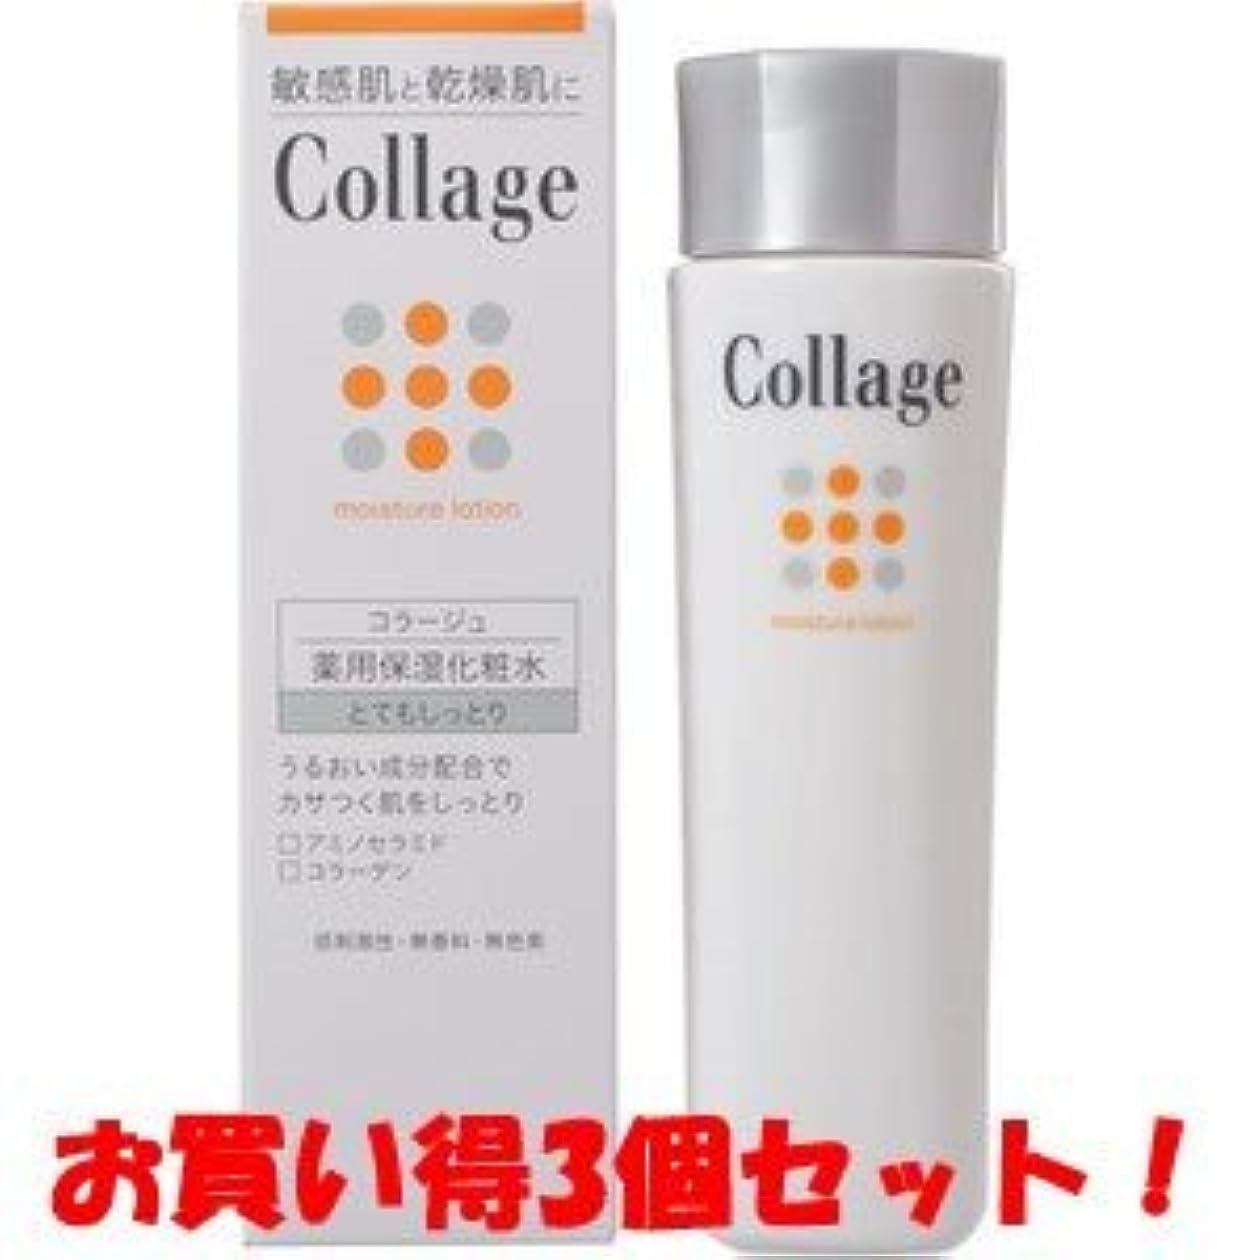 コピー貢献するディスク(持田ヘルスケア)コラージュ 薬用保湿化粧水 とてもしっとり 120ml(医薬部外品)(お買い得3個セット)